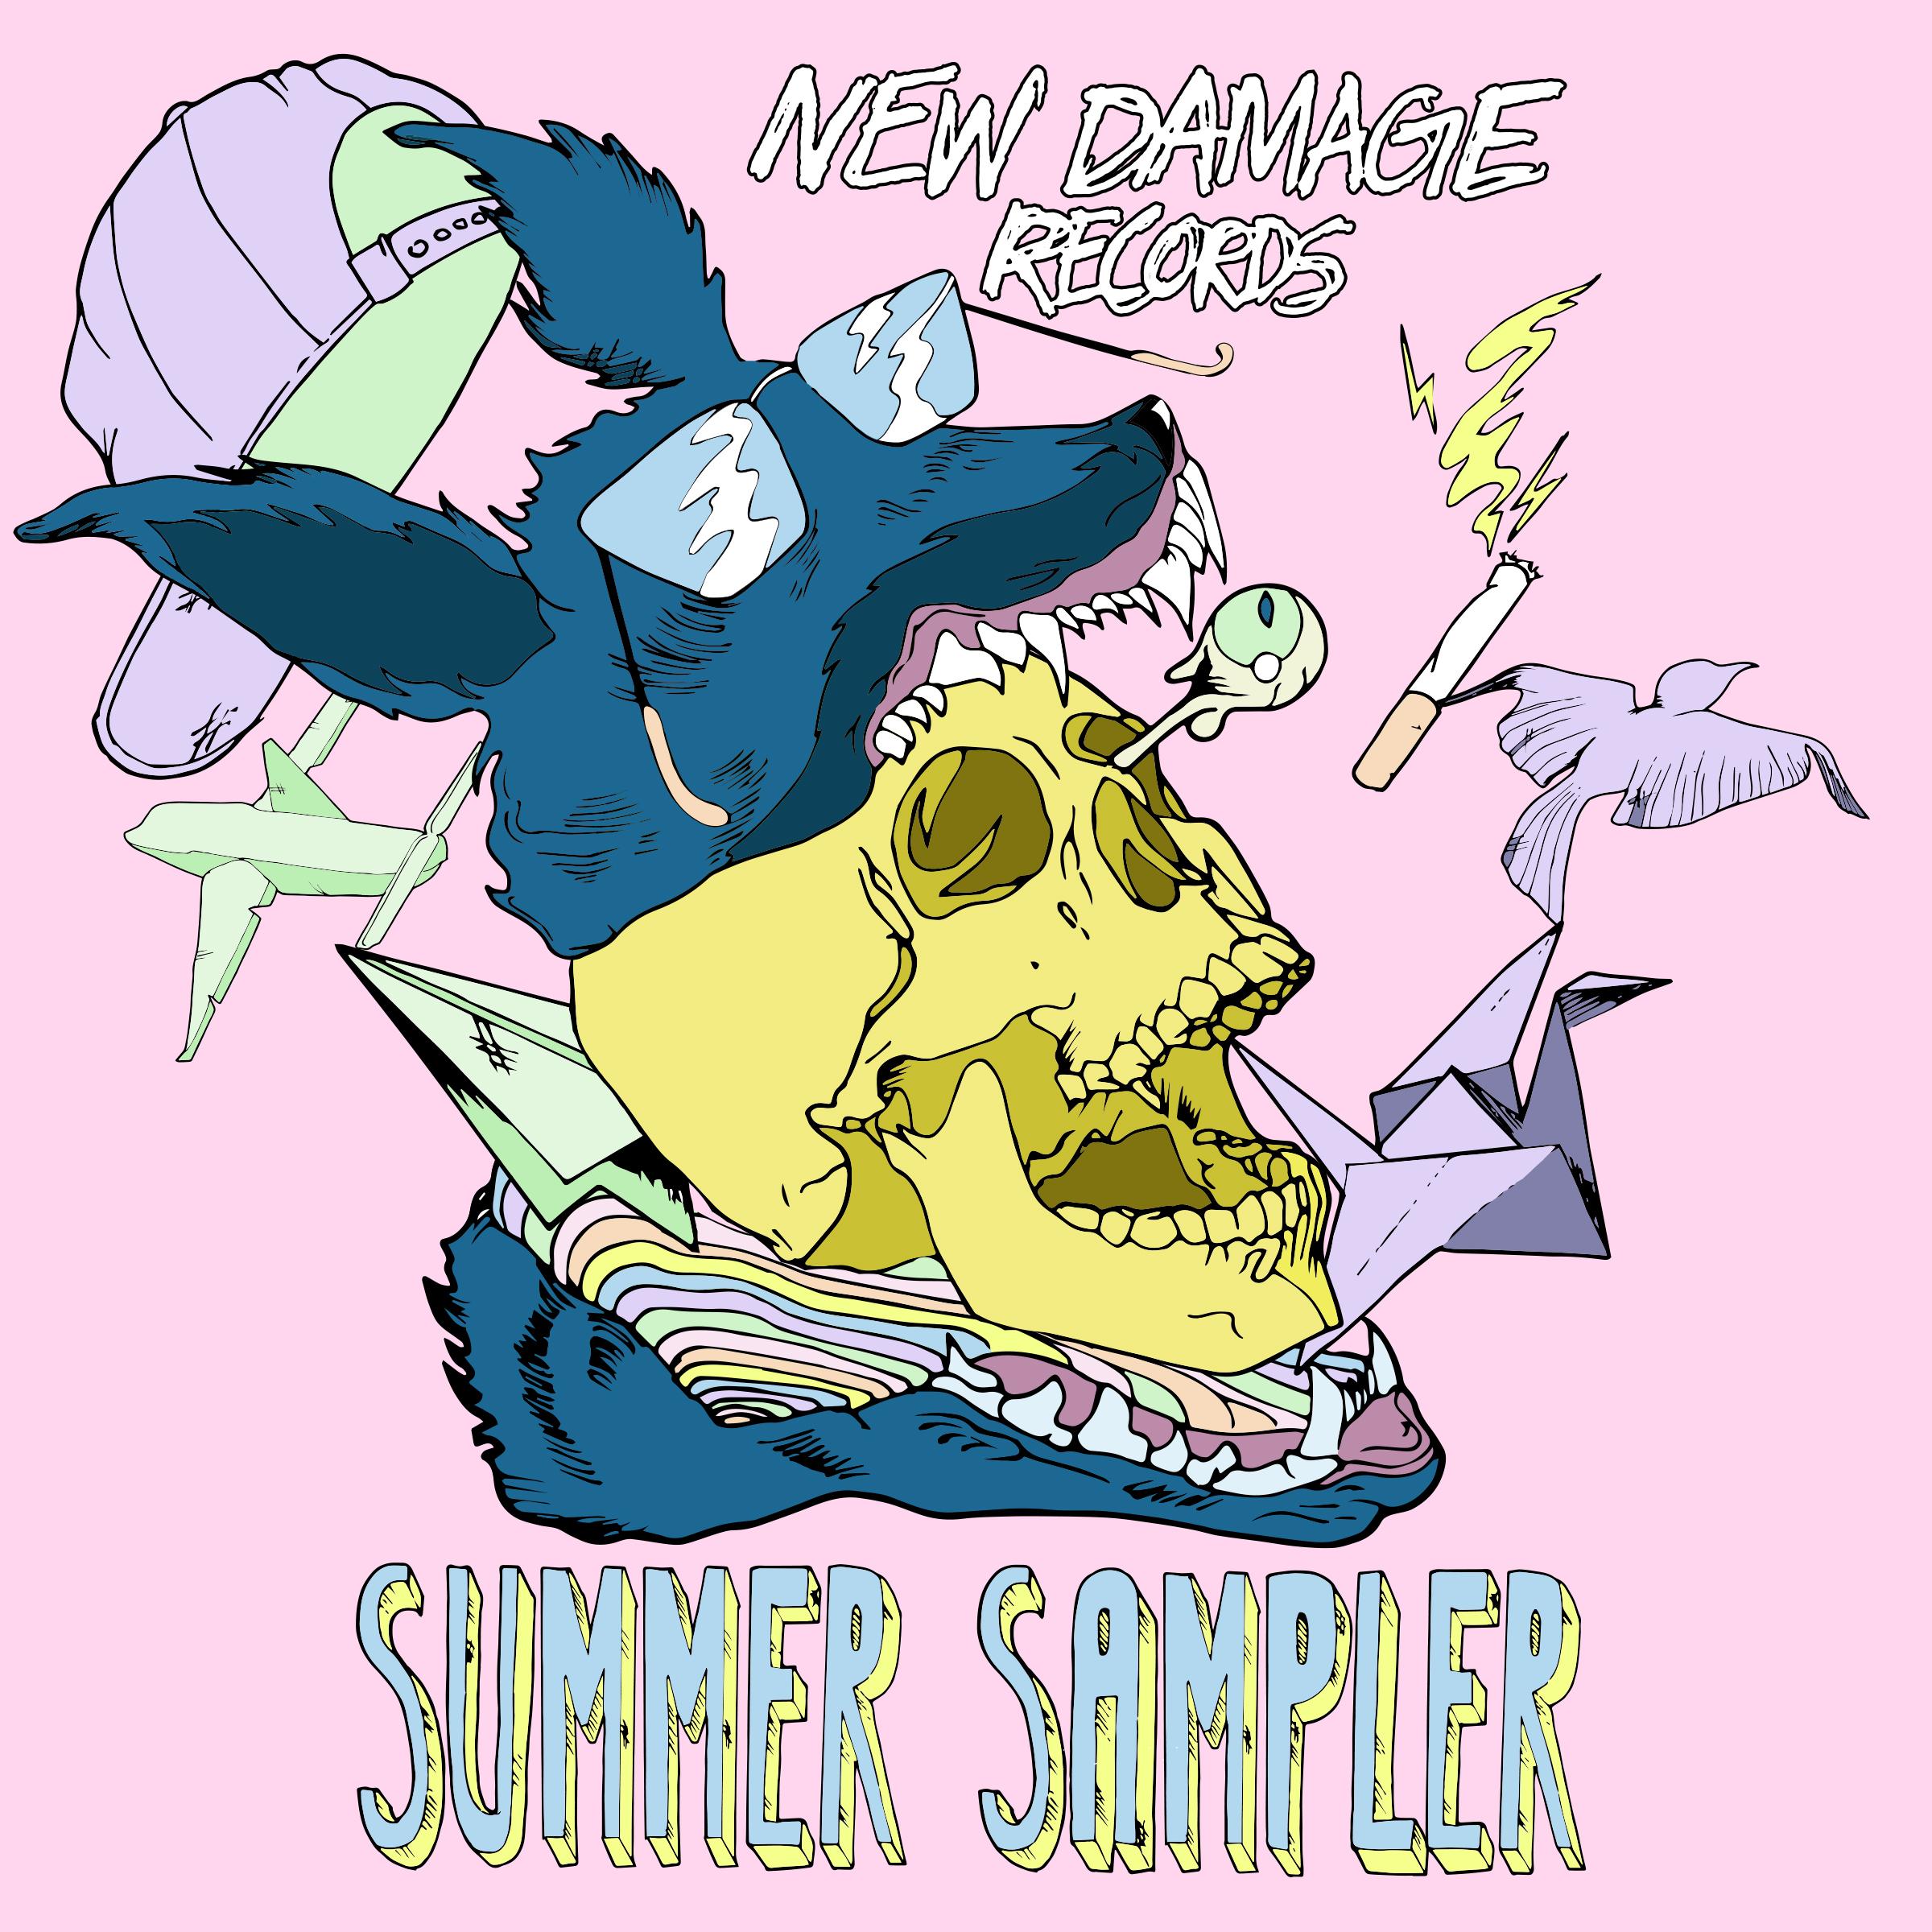 ND-SUMMERSAMPLER-UPDATE1